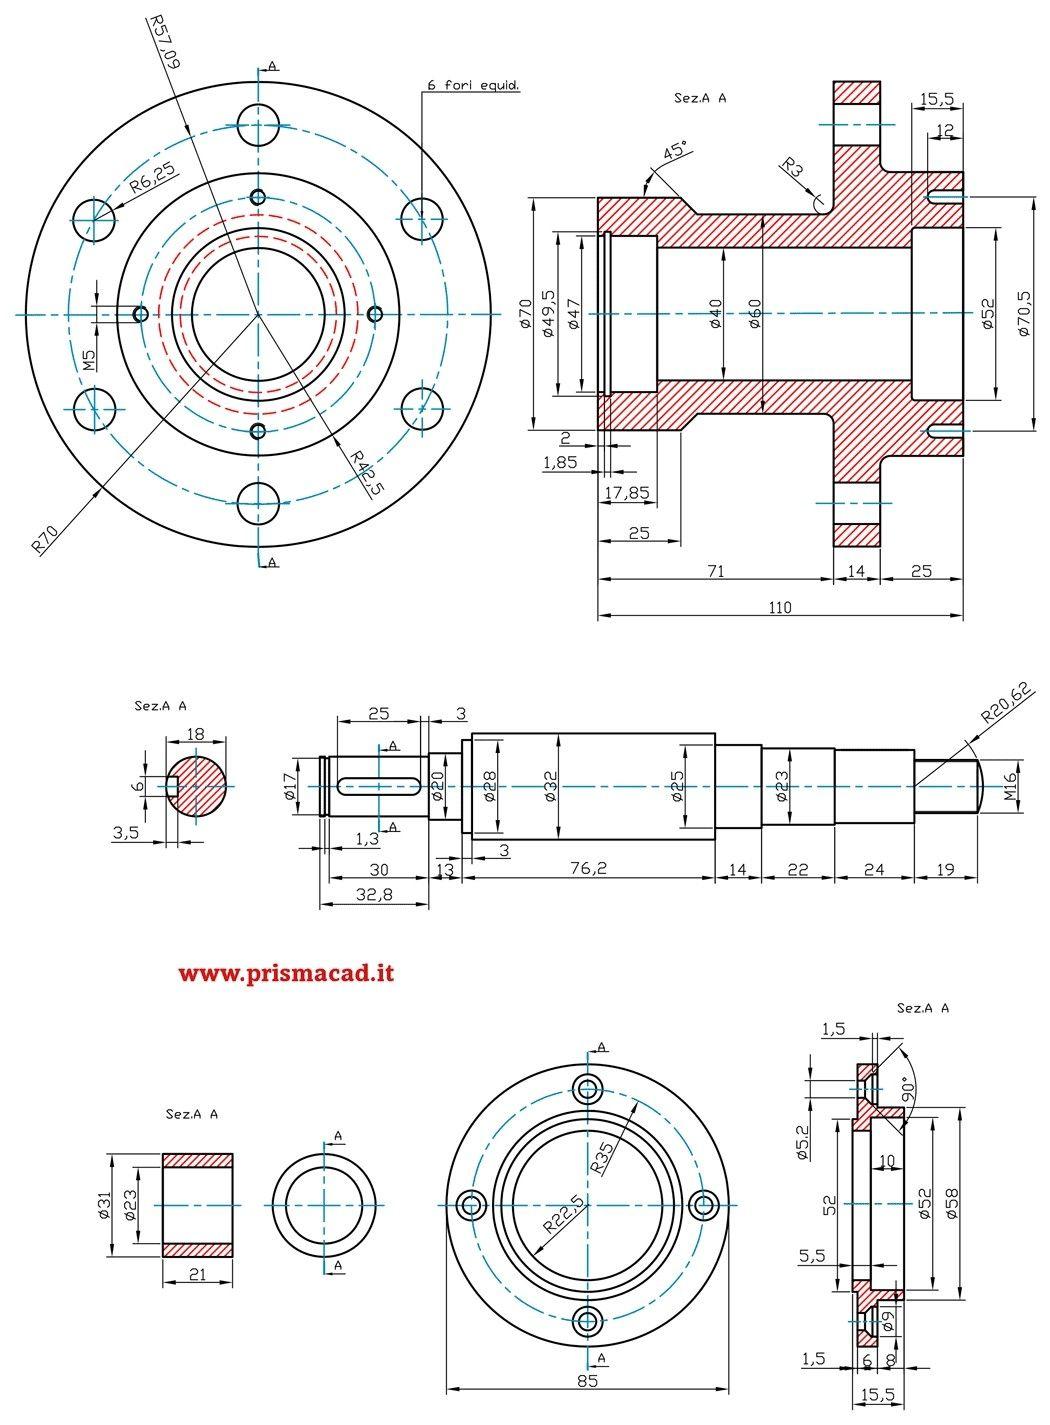 Flangia Con Albero Disegno Tecnico Tecniche Di Disegno Disegni 3d